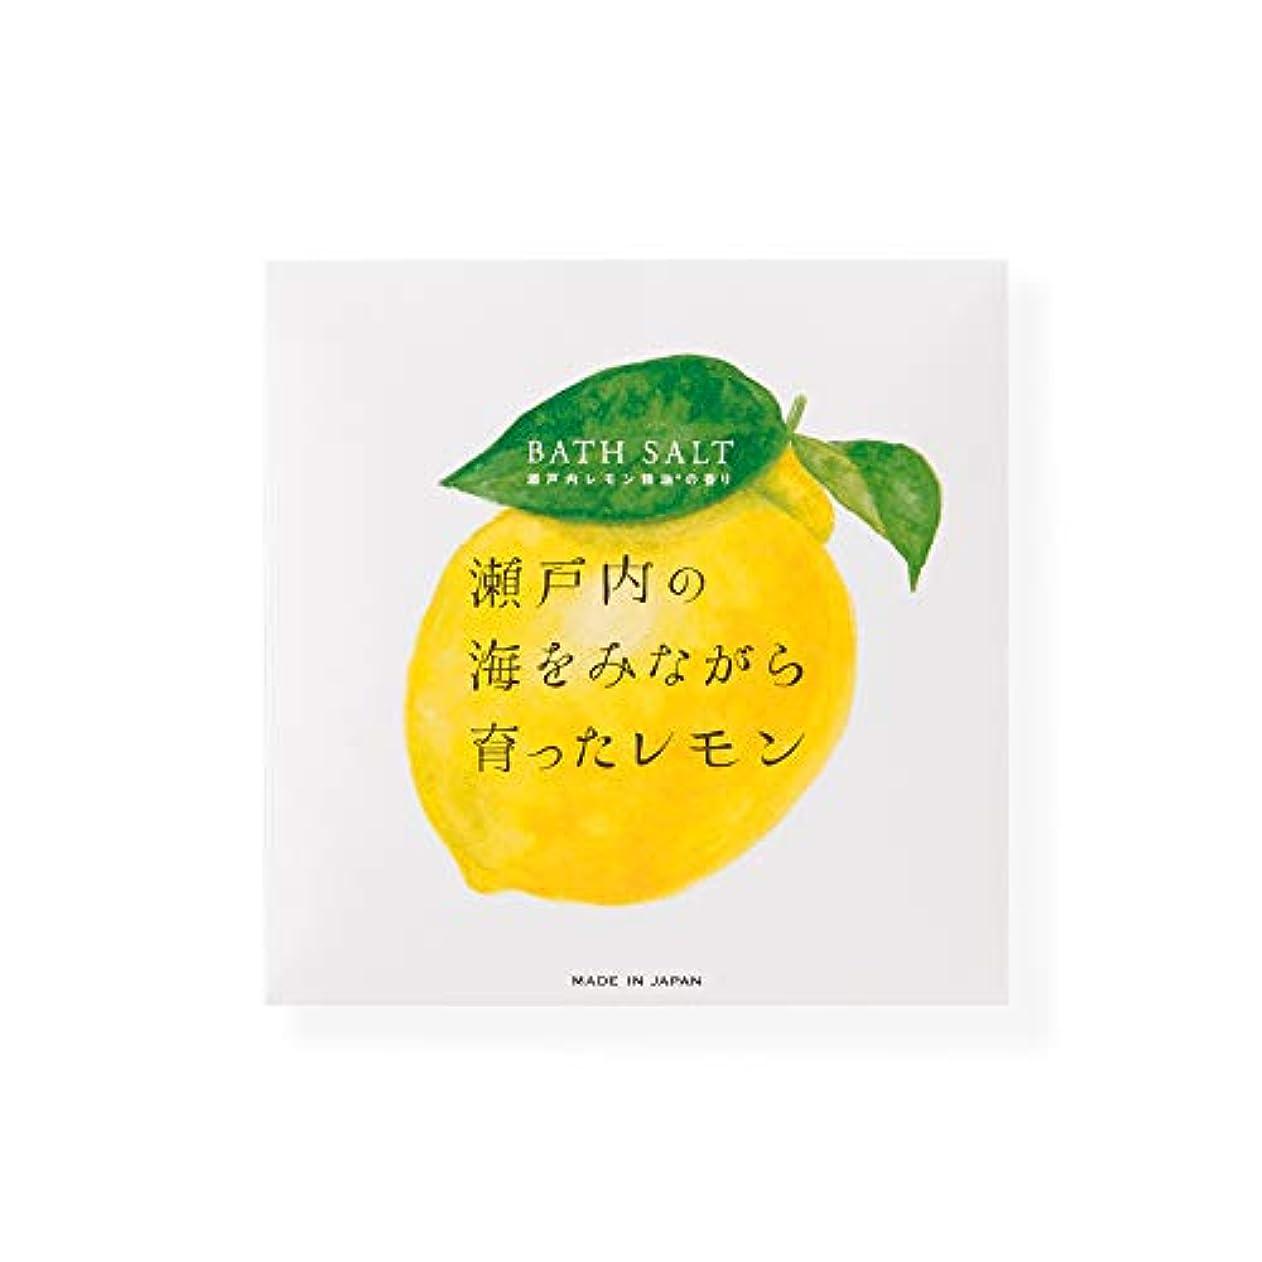 ジャズファイタープロペラ瀬戸内レモン アロマバスソルト